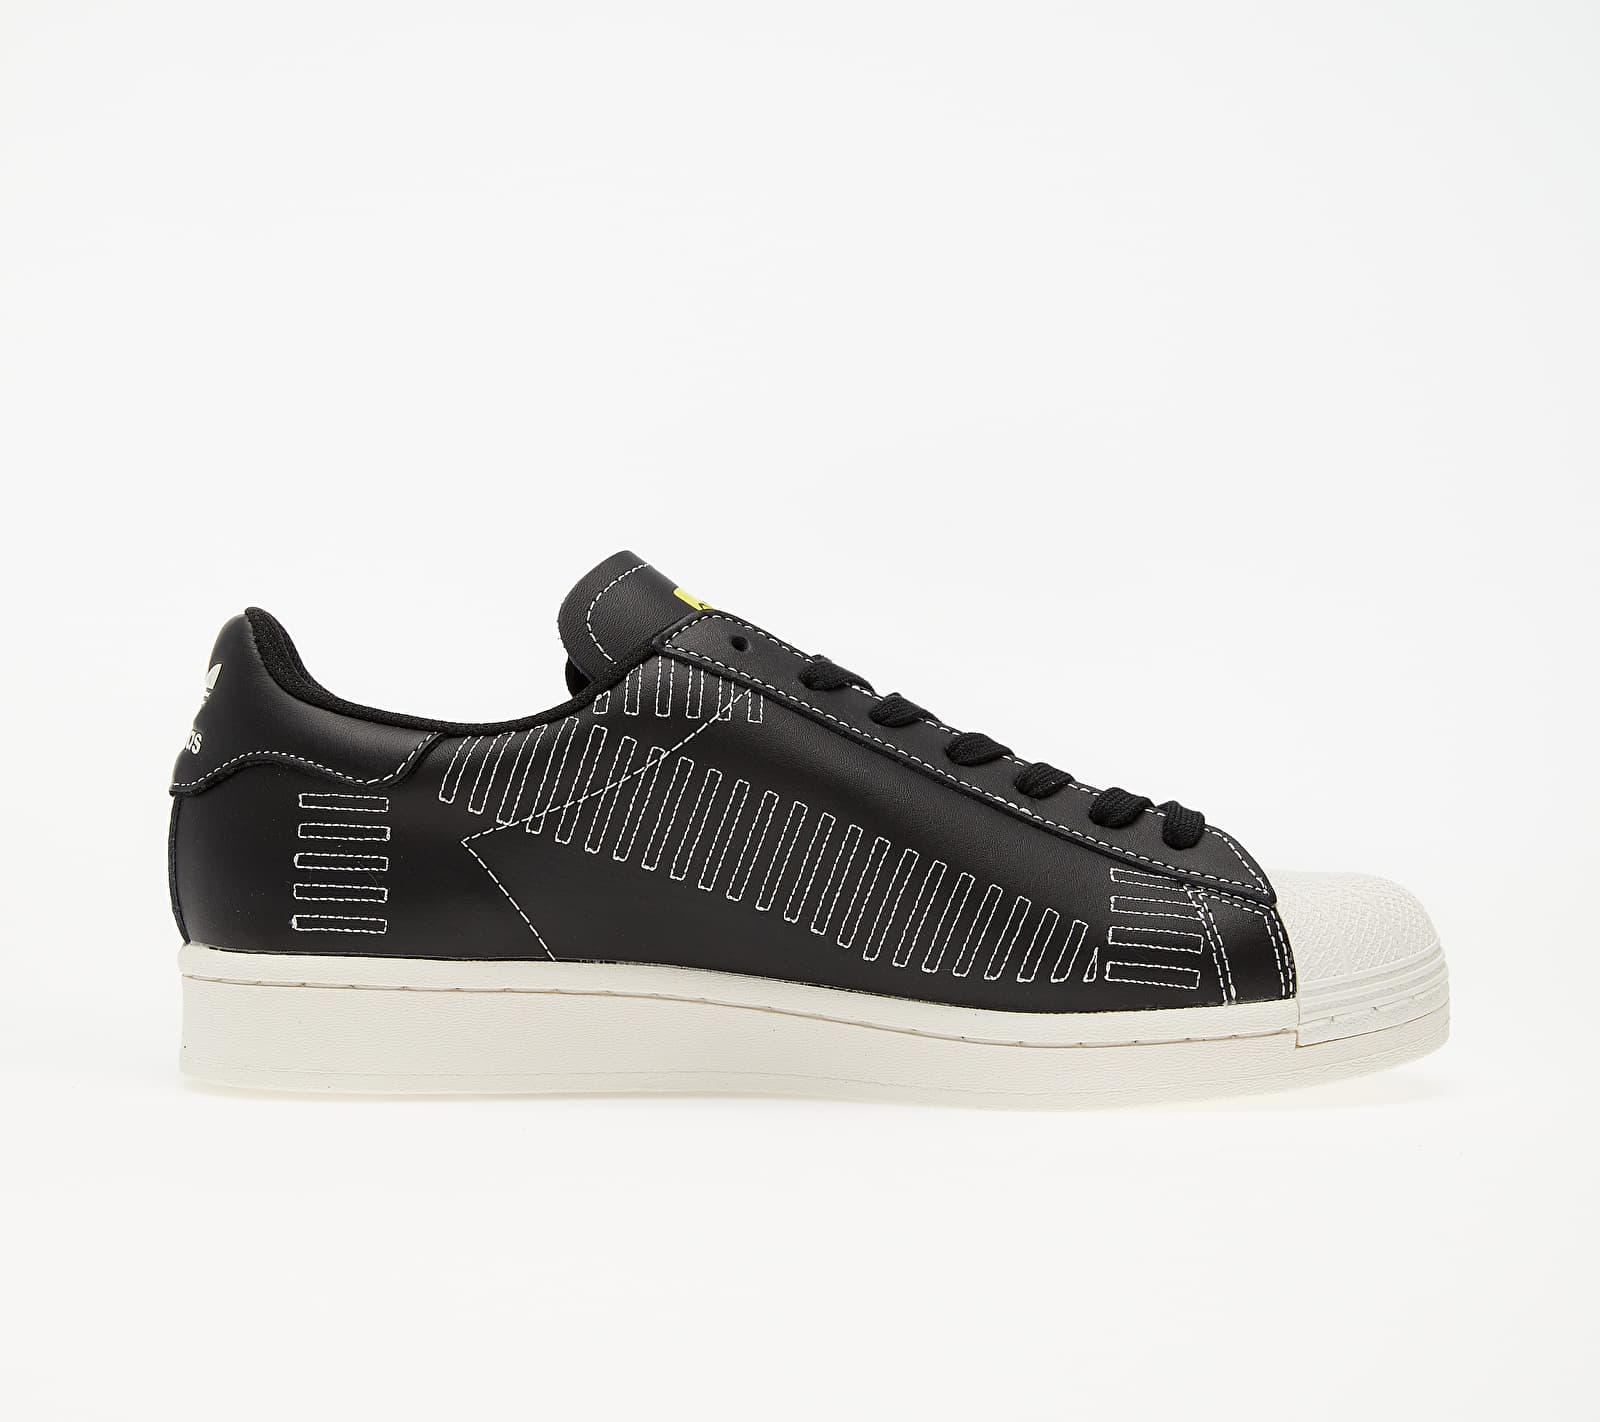 adidas Superstar Pure Core Black/ Core Black/ Core White